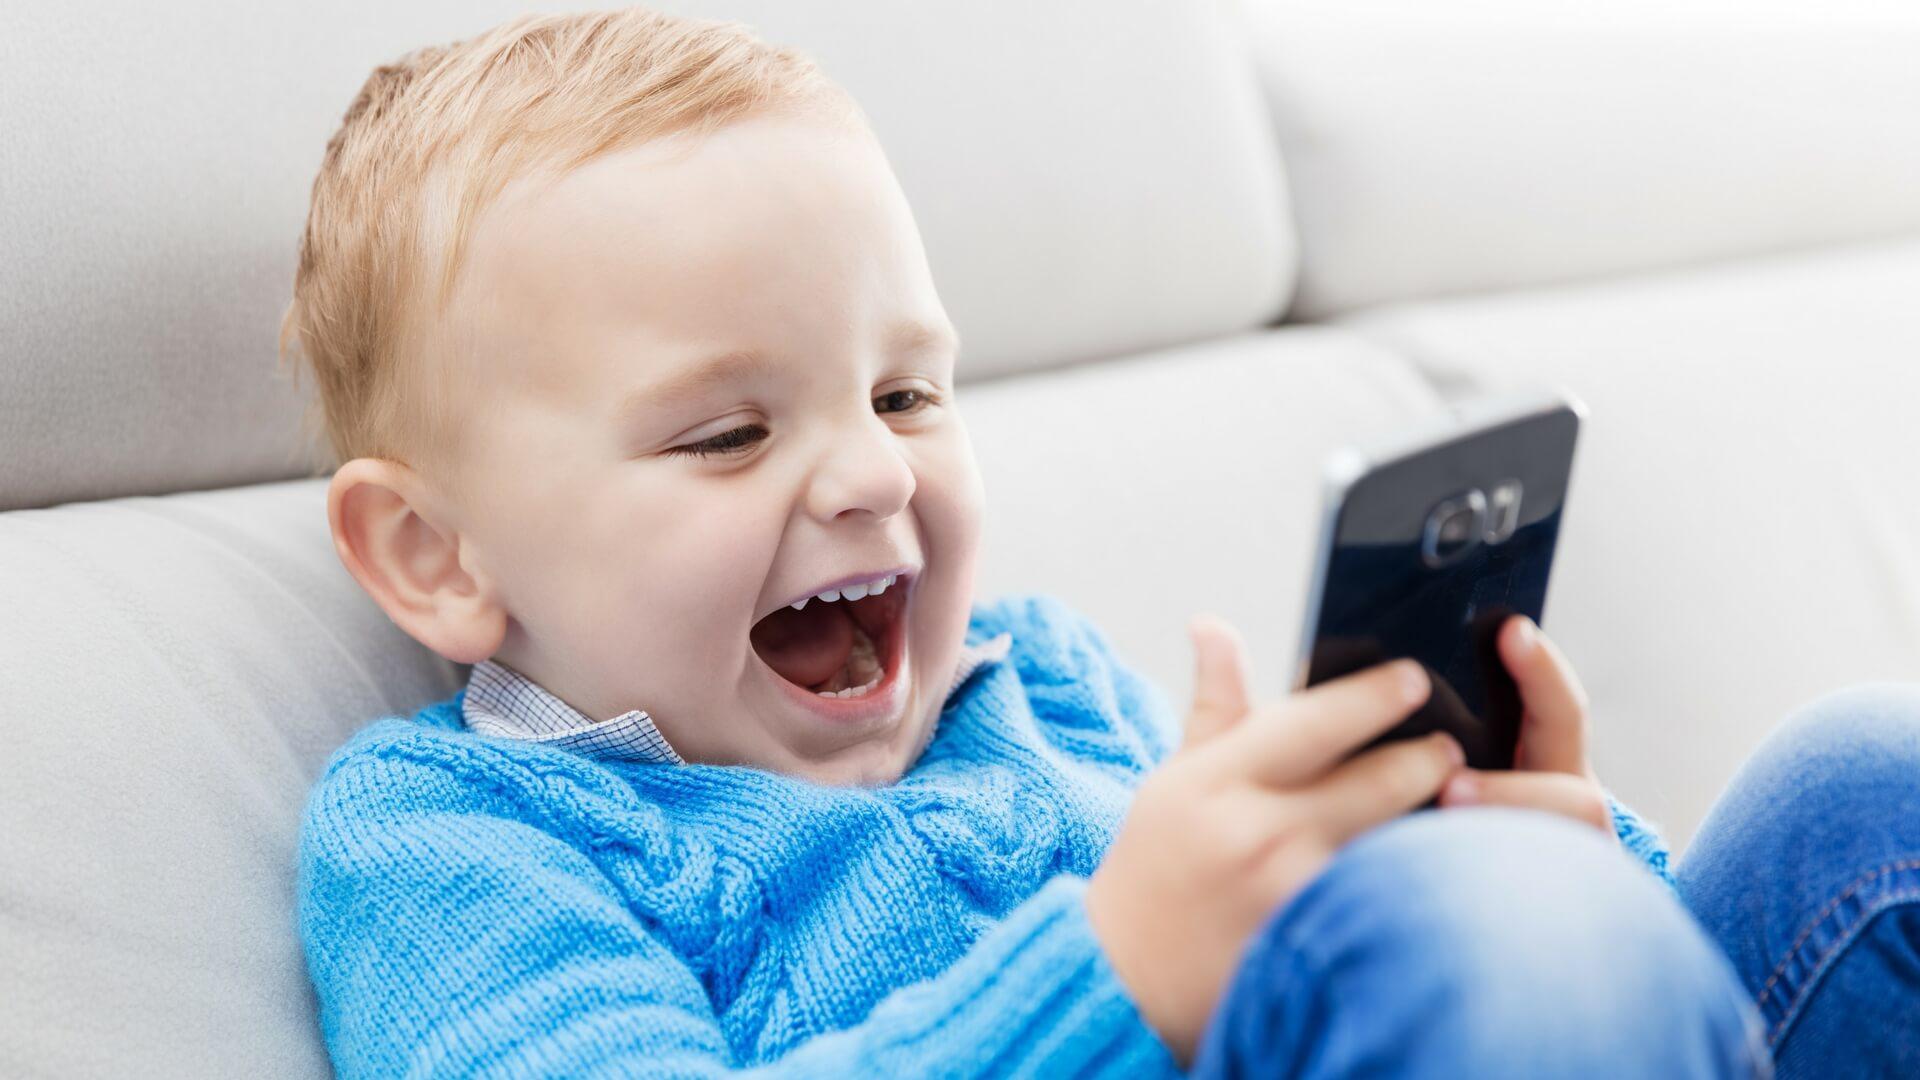 Аутизм смогут диагностировать при помощи видеоигр